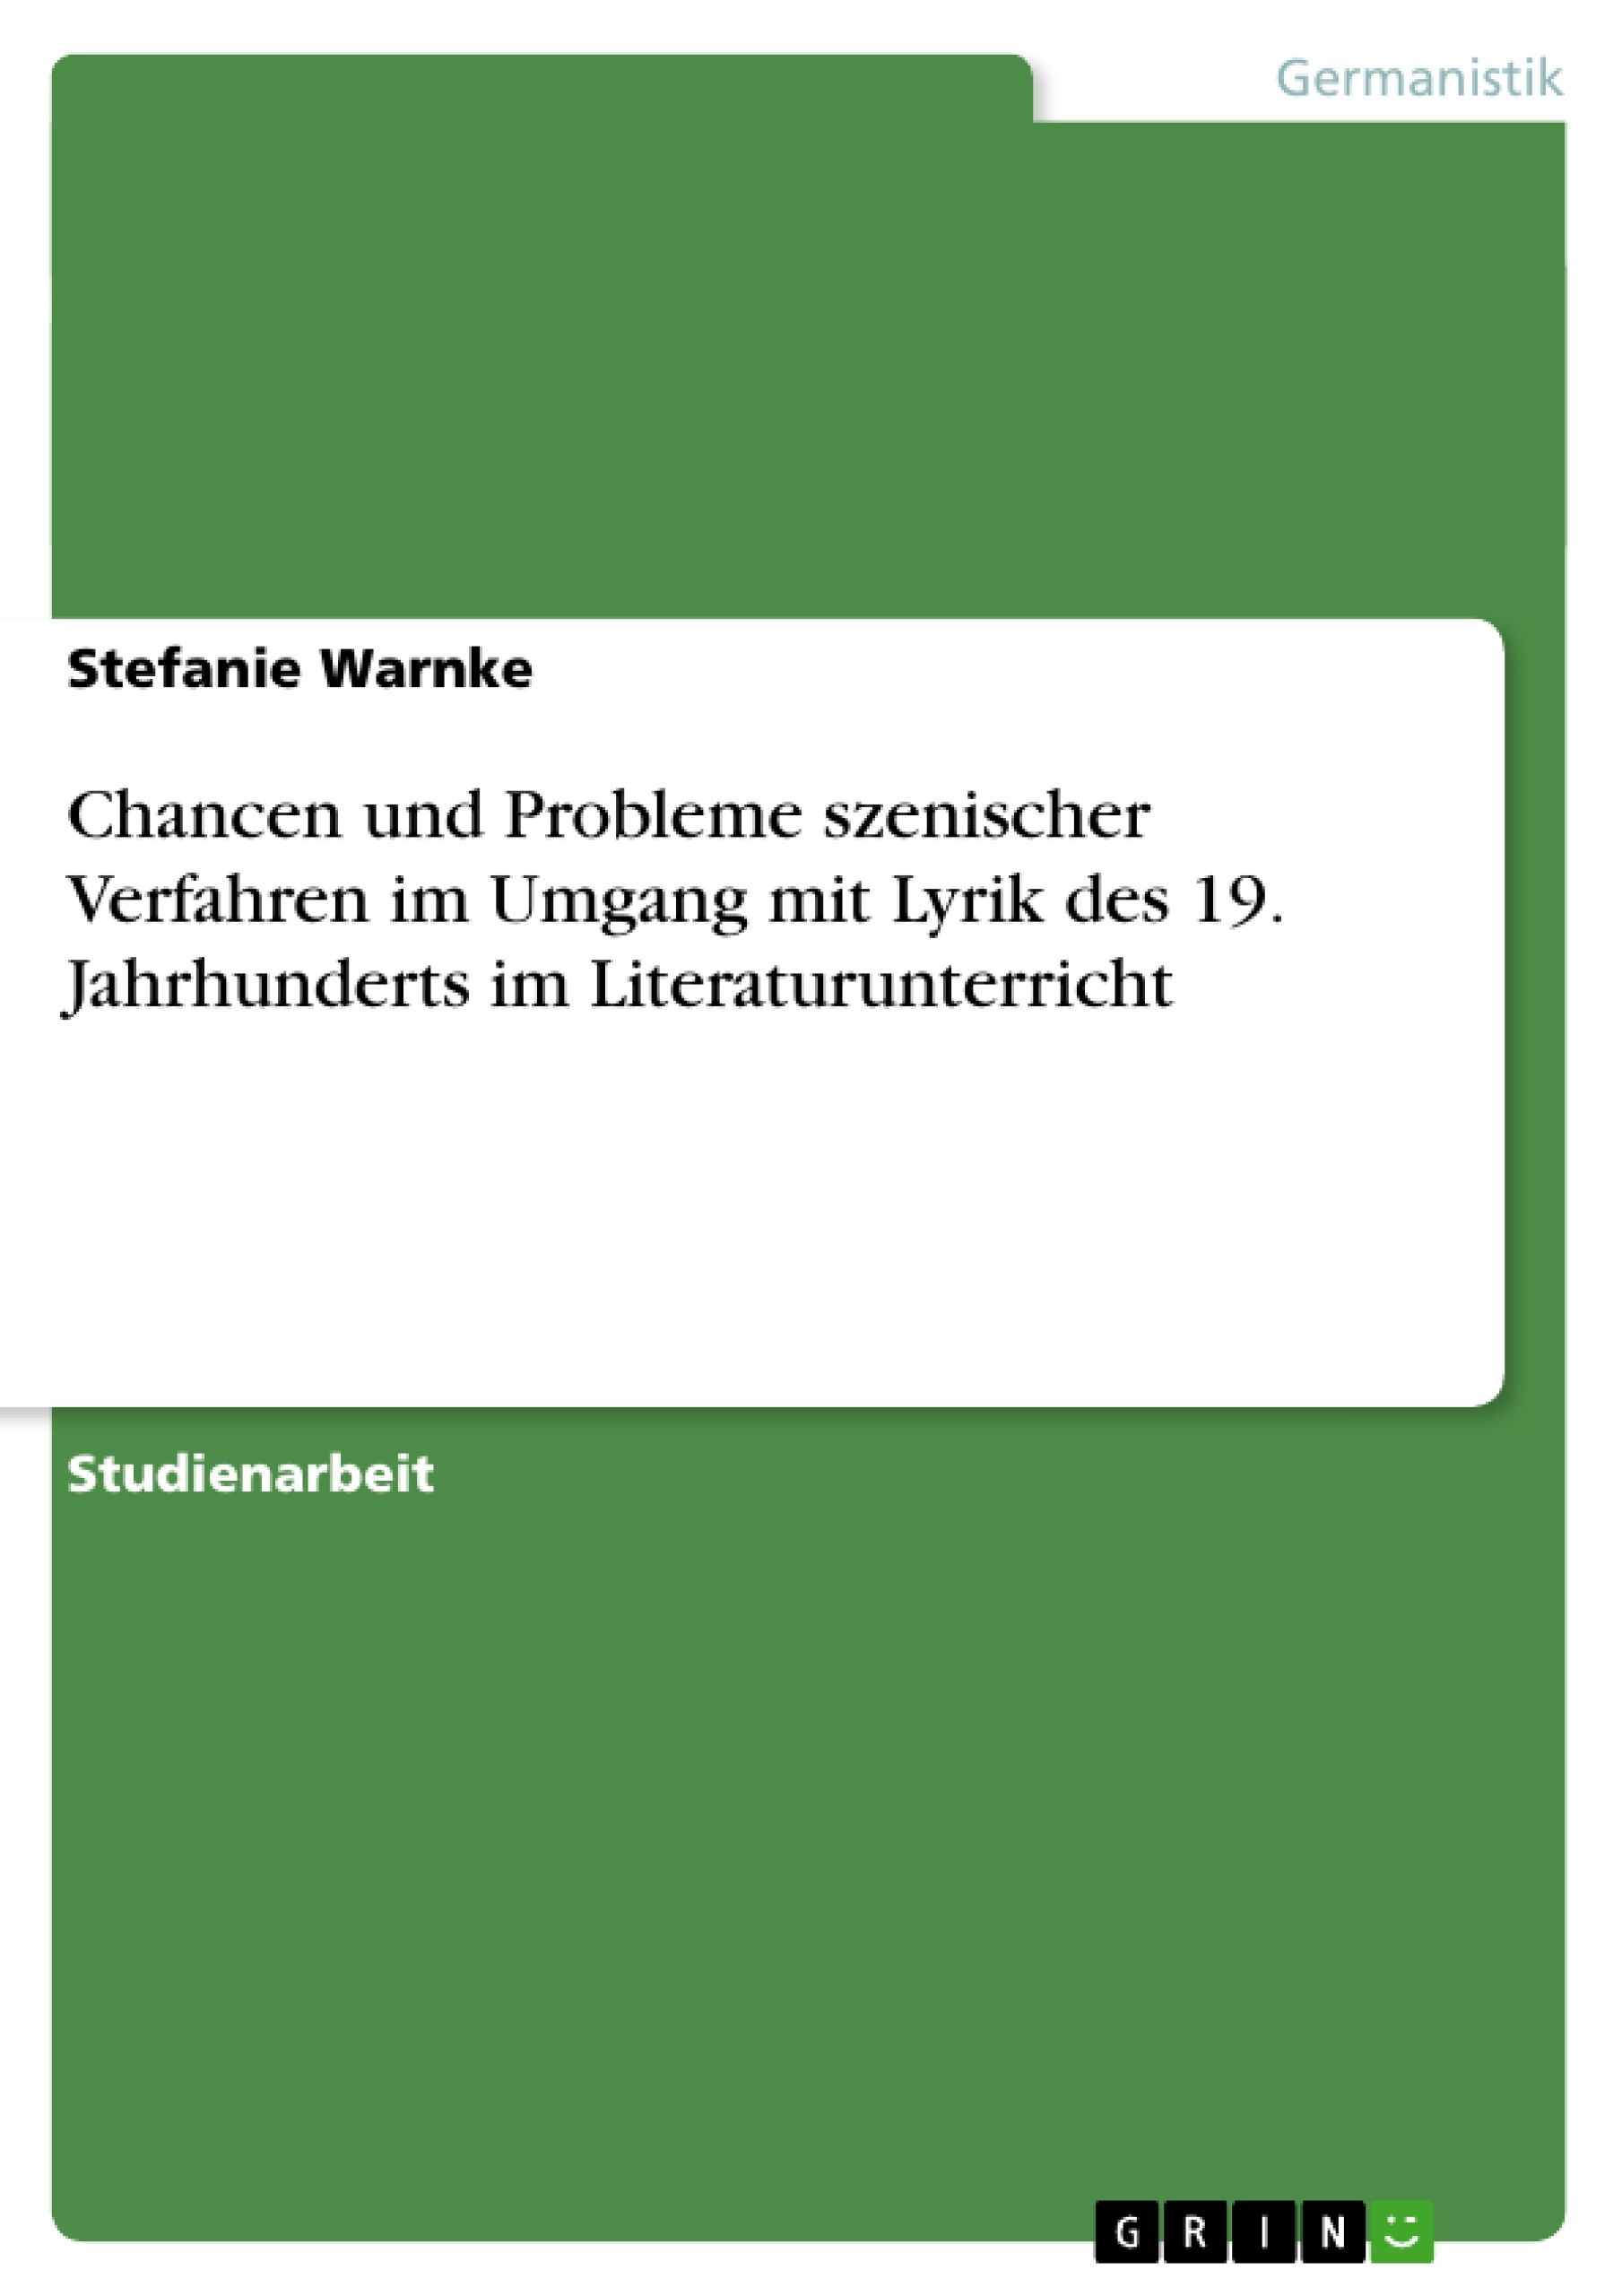 Titel: Chancen und Probleme szenischer Verfahren im Umgang mit Lyrik des 19. Jahrhunderts im Literaturunterricht